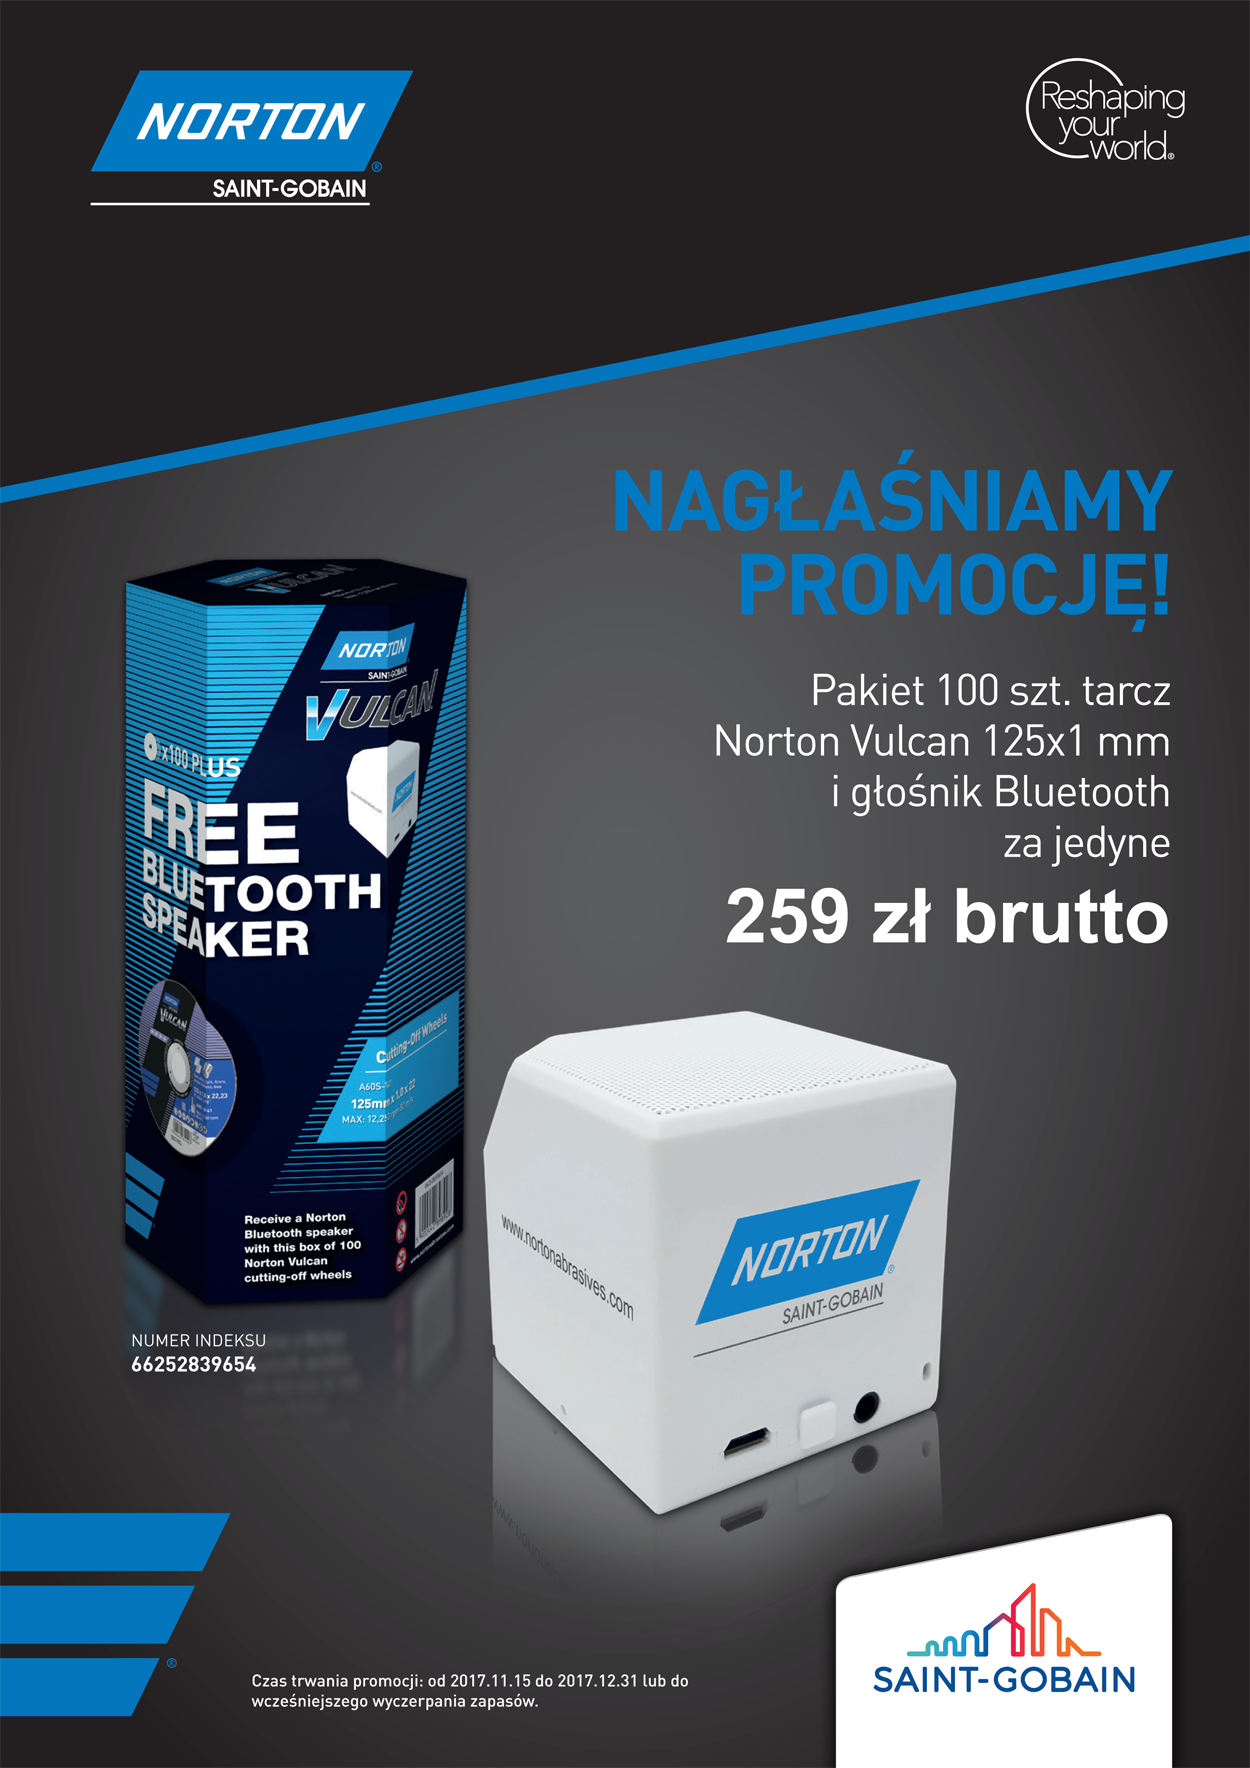 NAGLASNIAMY-PROMOCJE_ulotka-edit.png